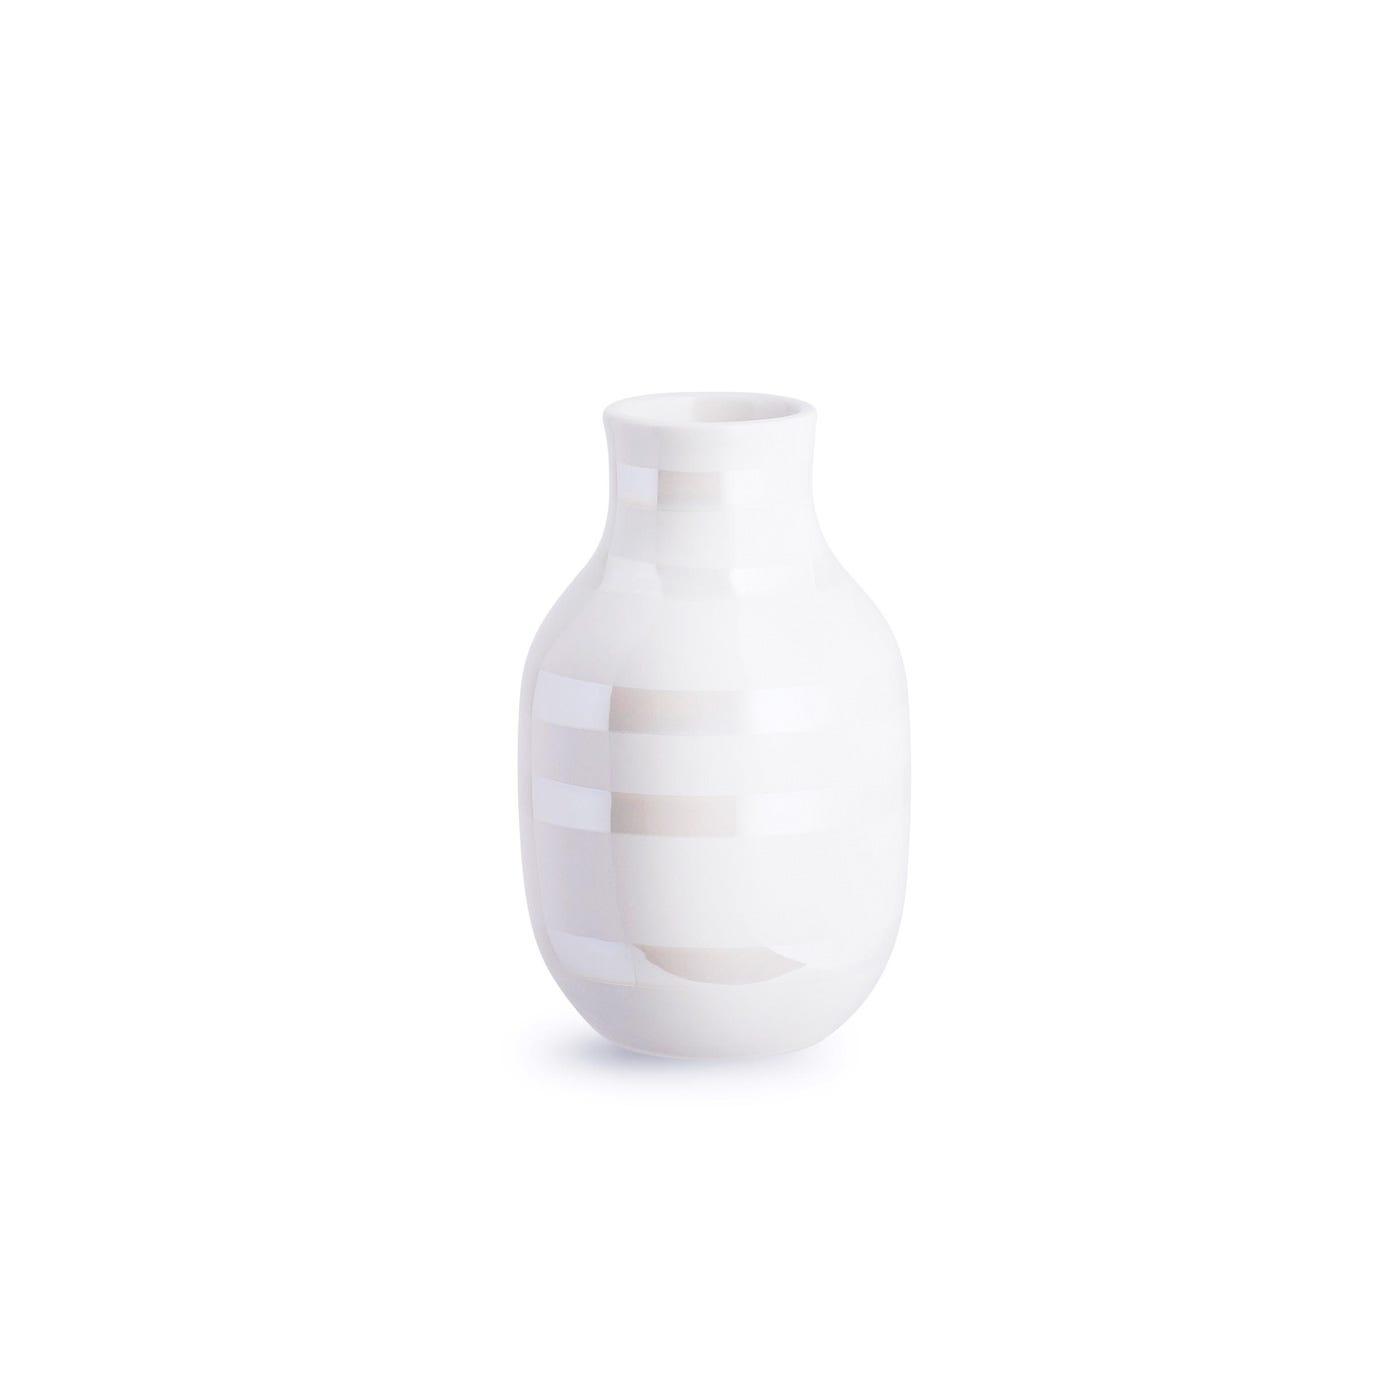 Omaggio Vase Small Pearl